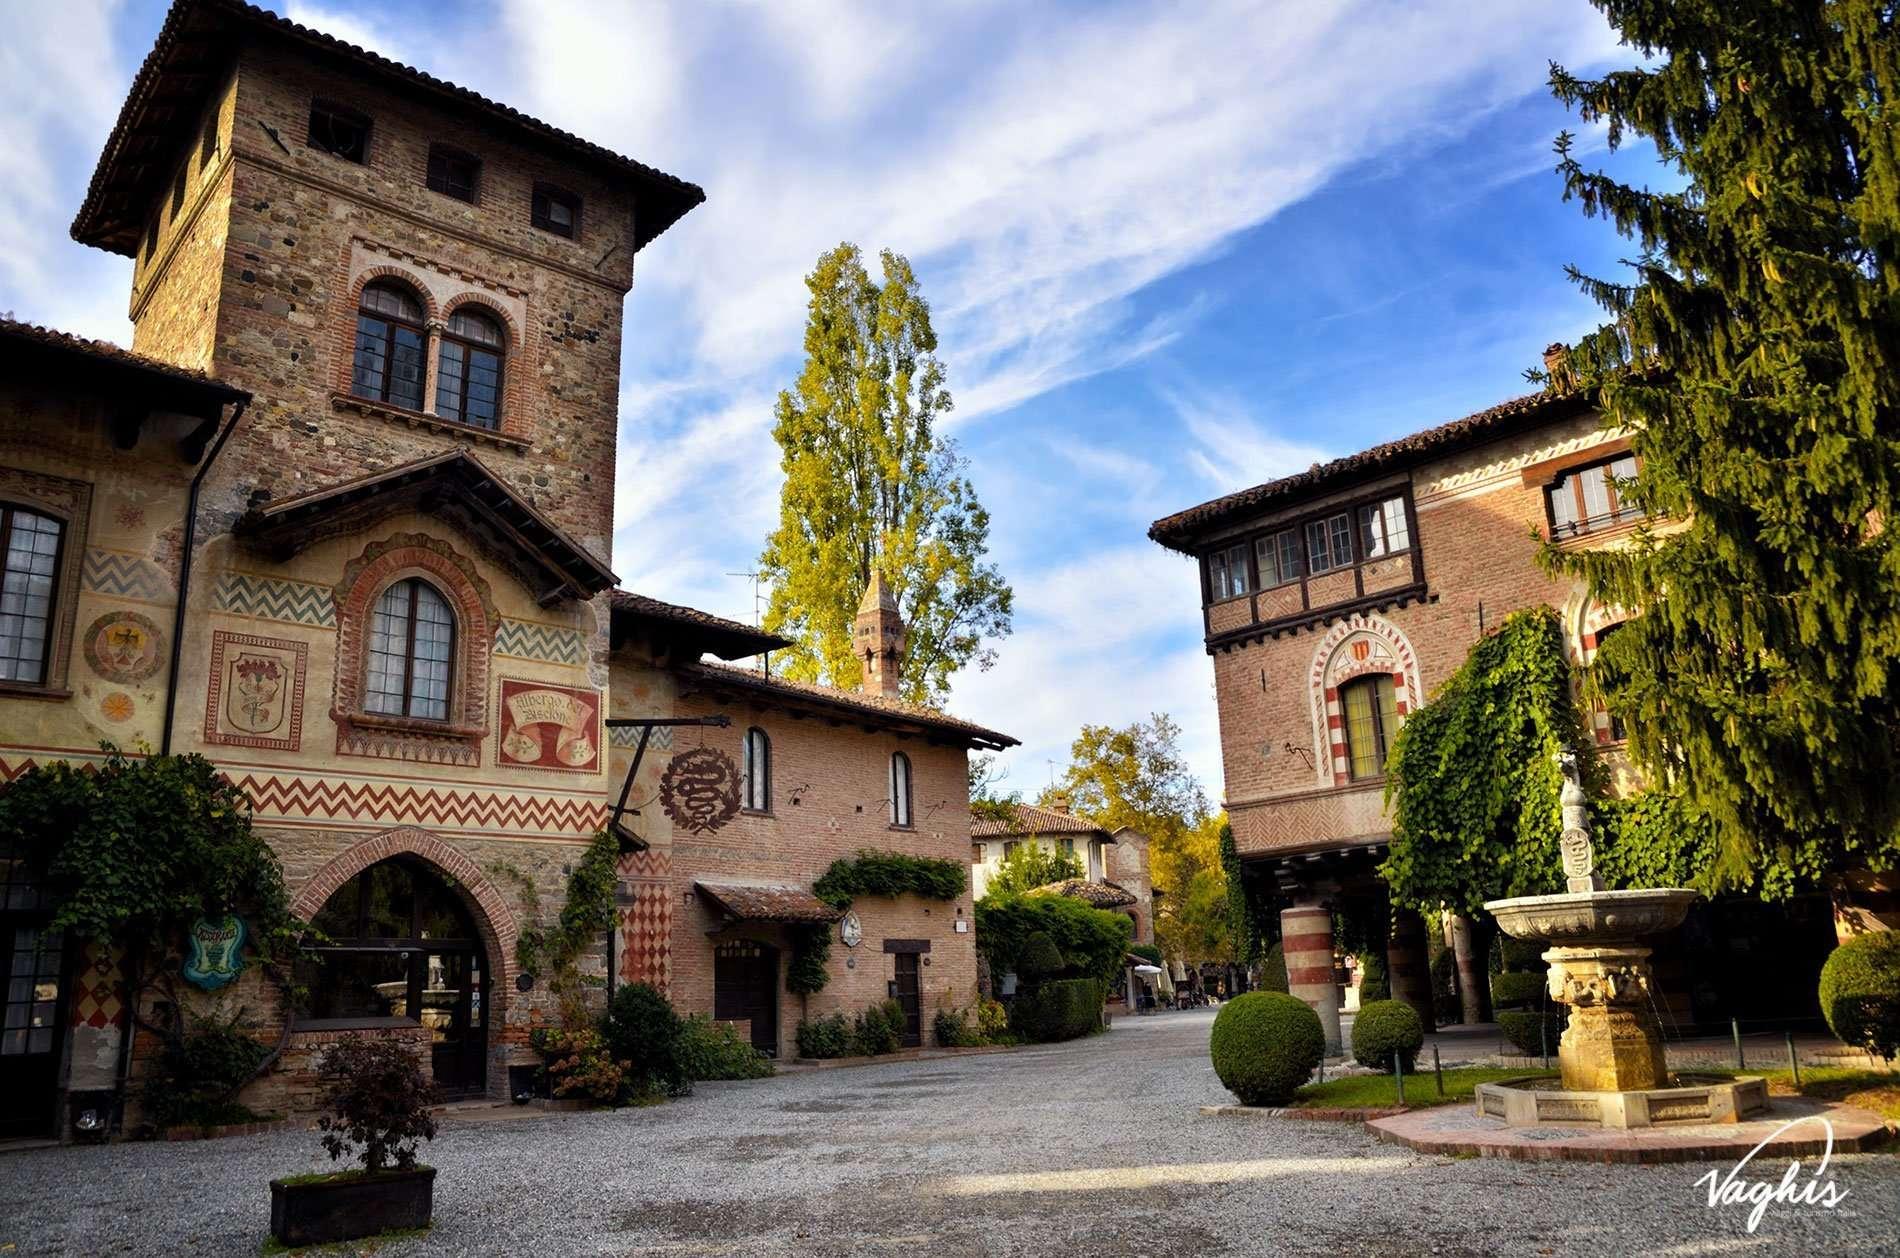 Grazzano Visconti - © Vaghis - Viaggi & turismo Italia - Tutti i diritti riservati